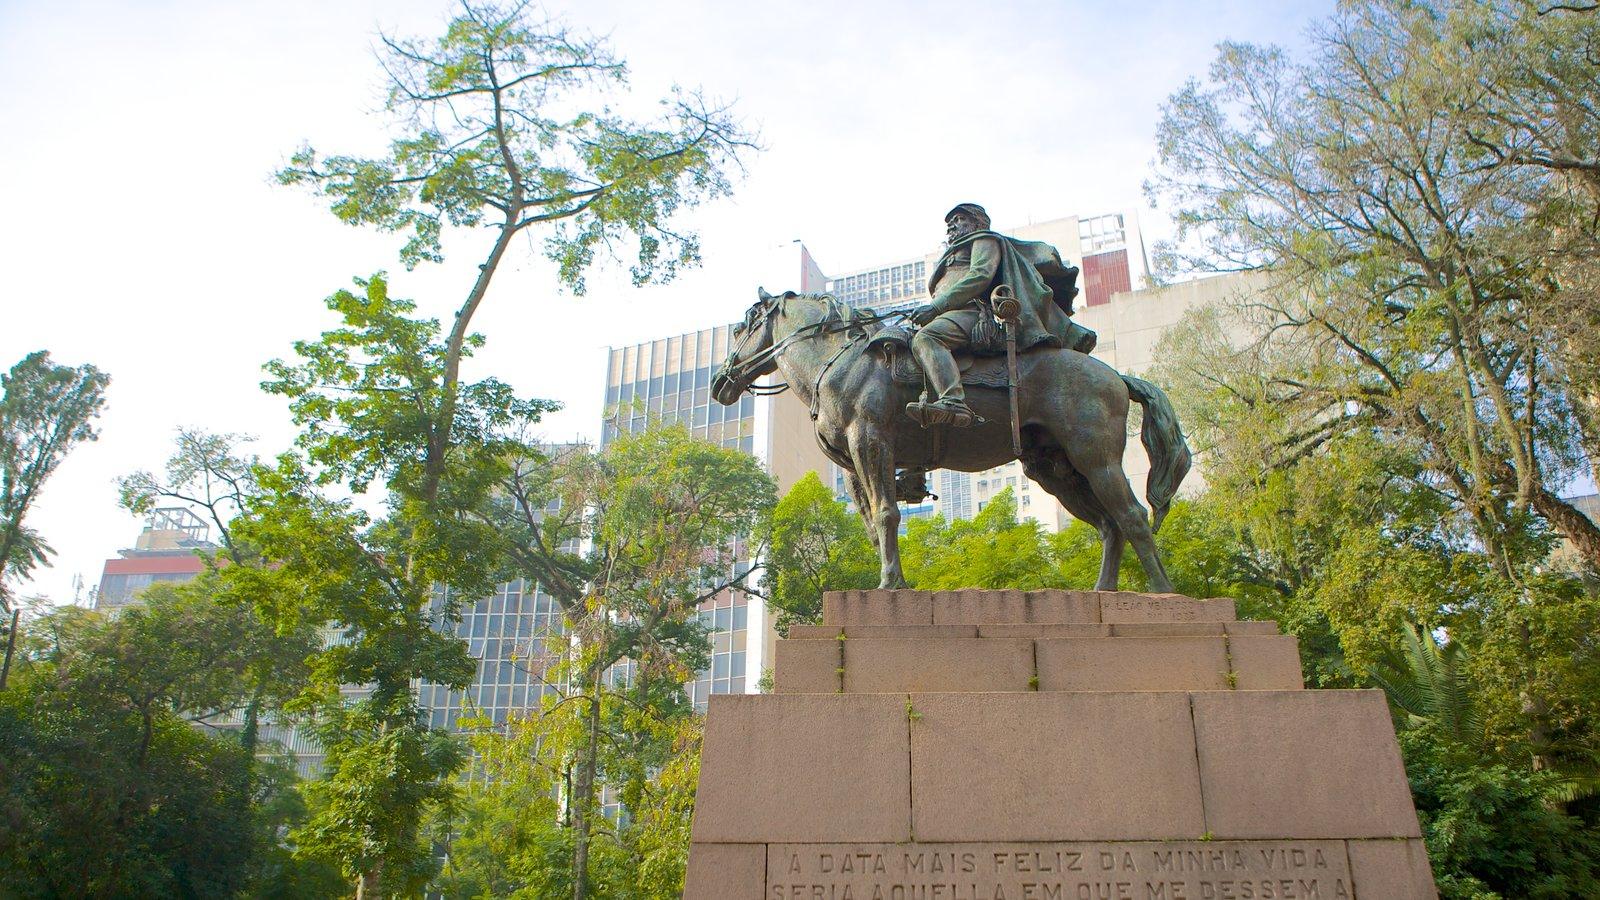 Porto Alegre mostrando uma estátua ou escultura